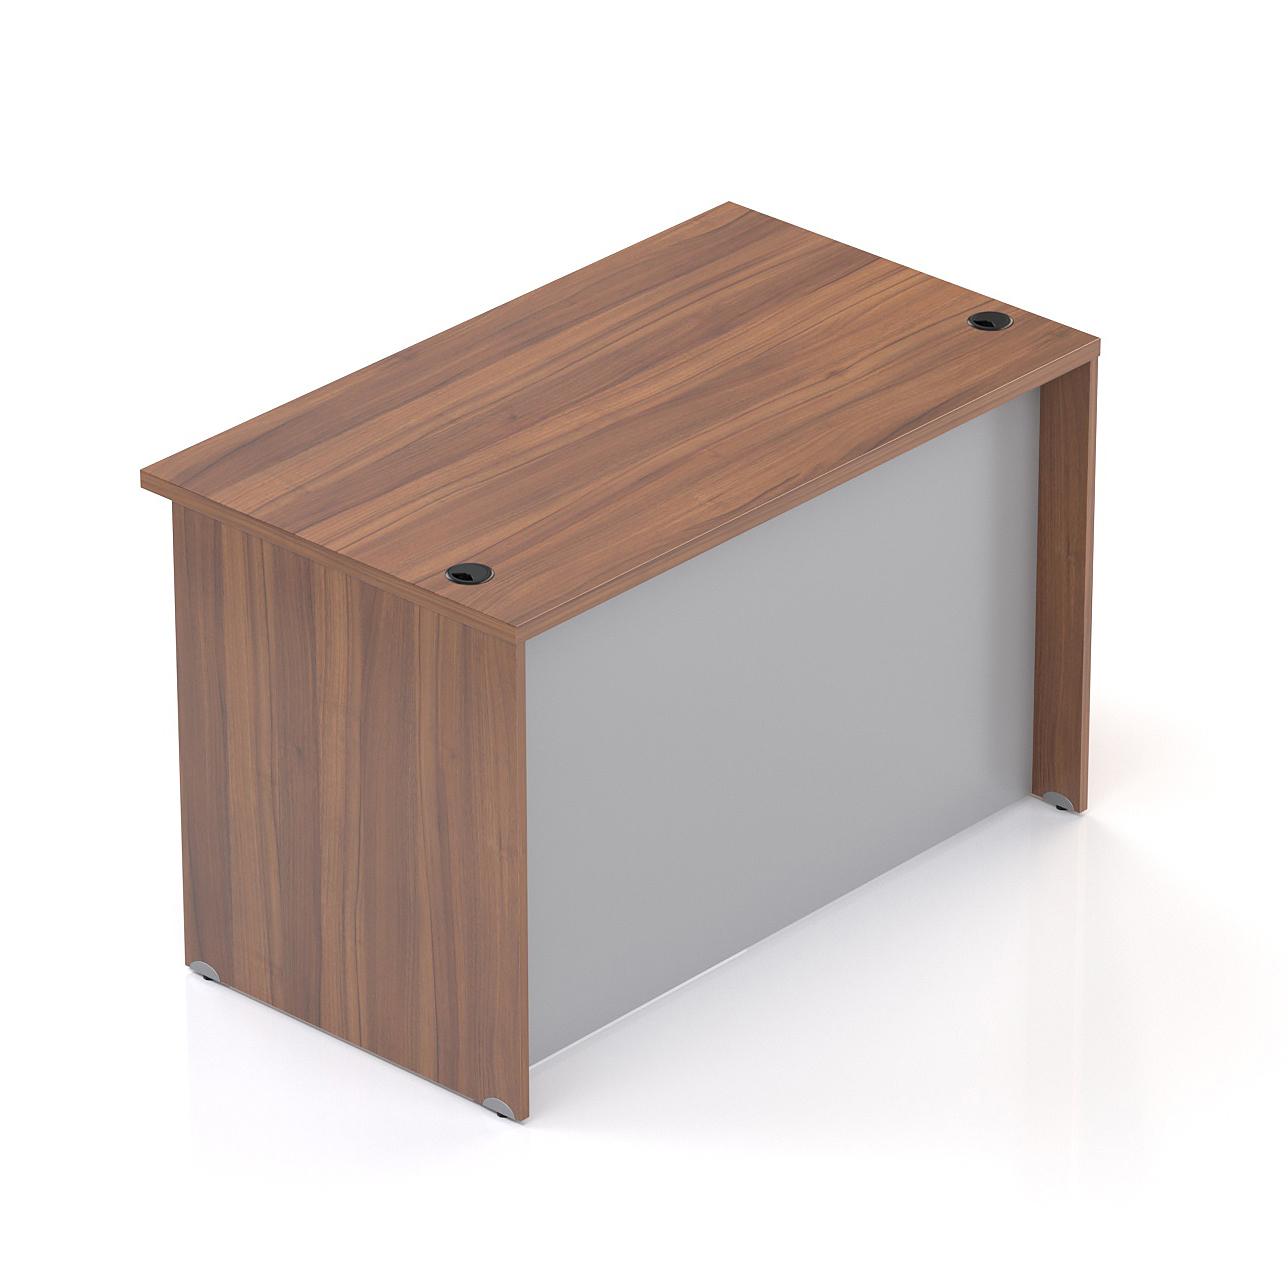 Recepčný pult Komfort, 136x70x76 cm - LKA13 19